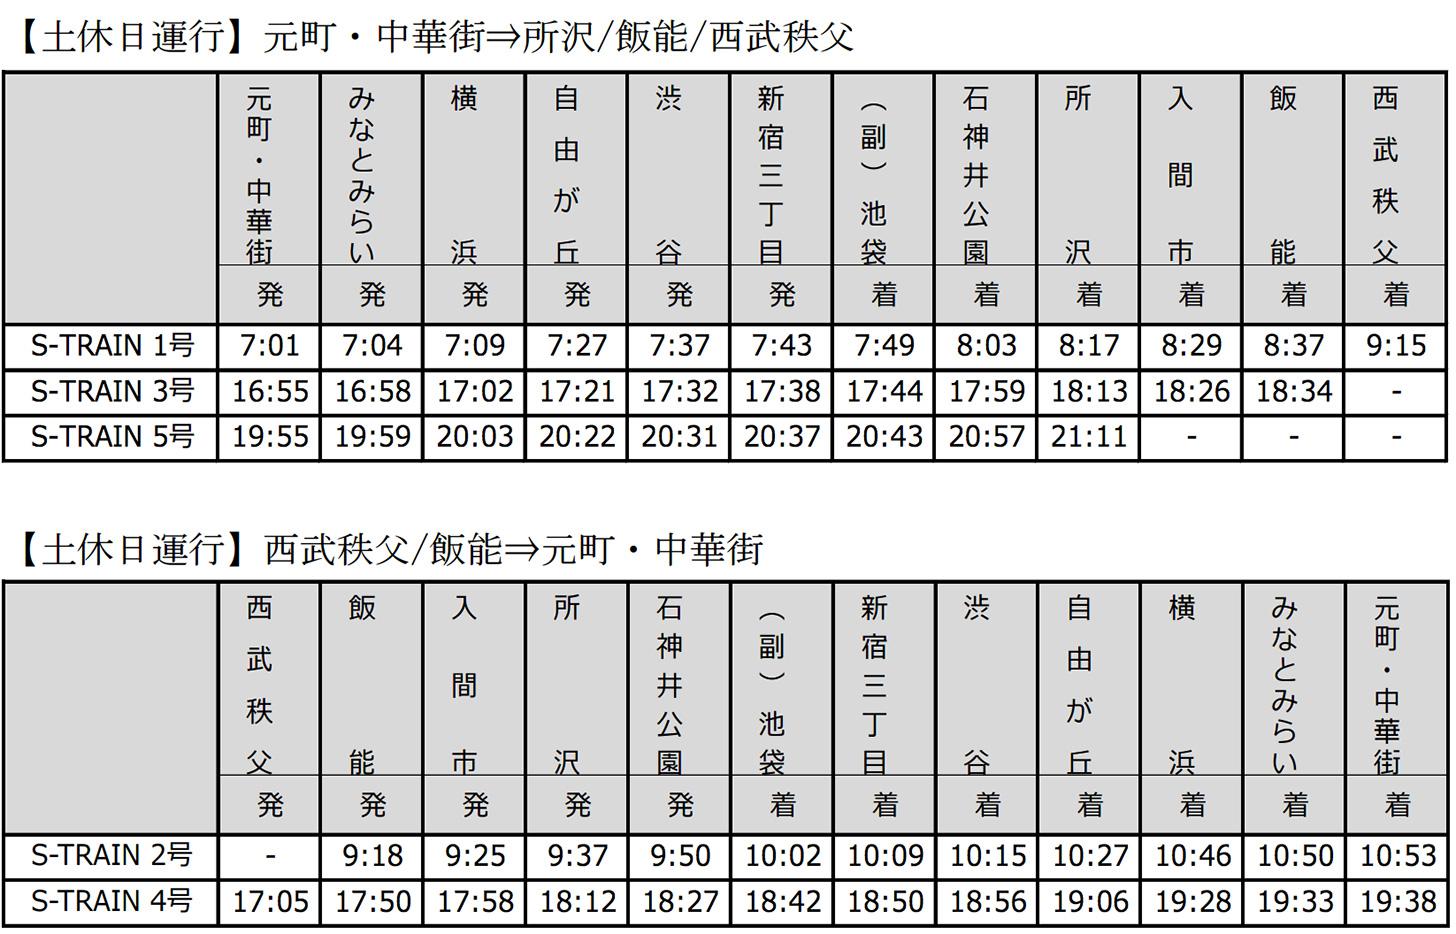 土休日の運行時間予定(西武秩父駅〜元町・中華街駅間)